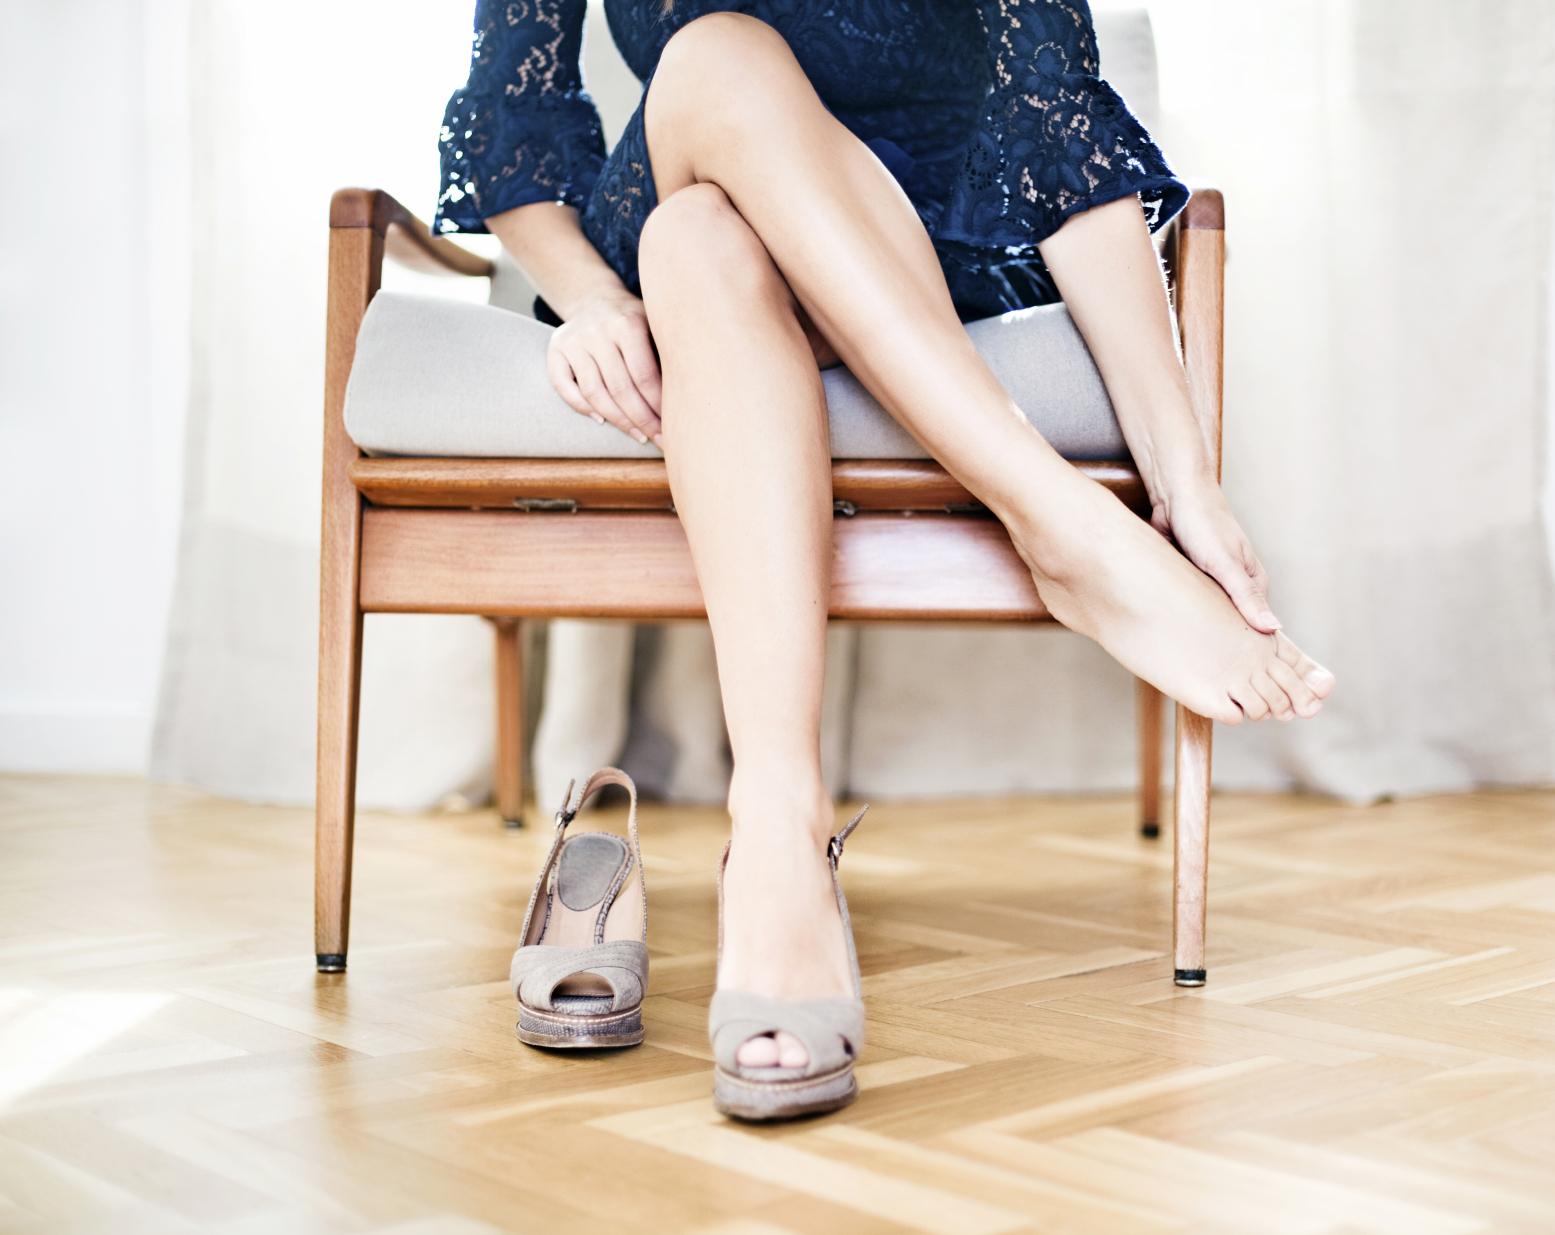 Simples Truque elimina dor nos pés com SALTO ALTO